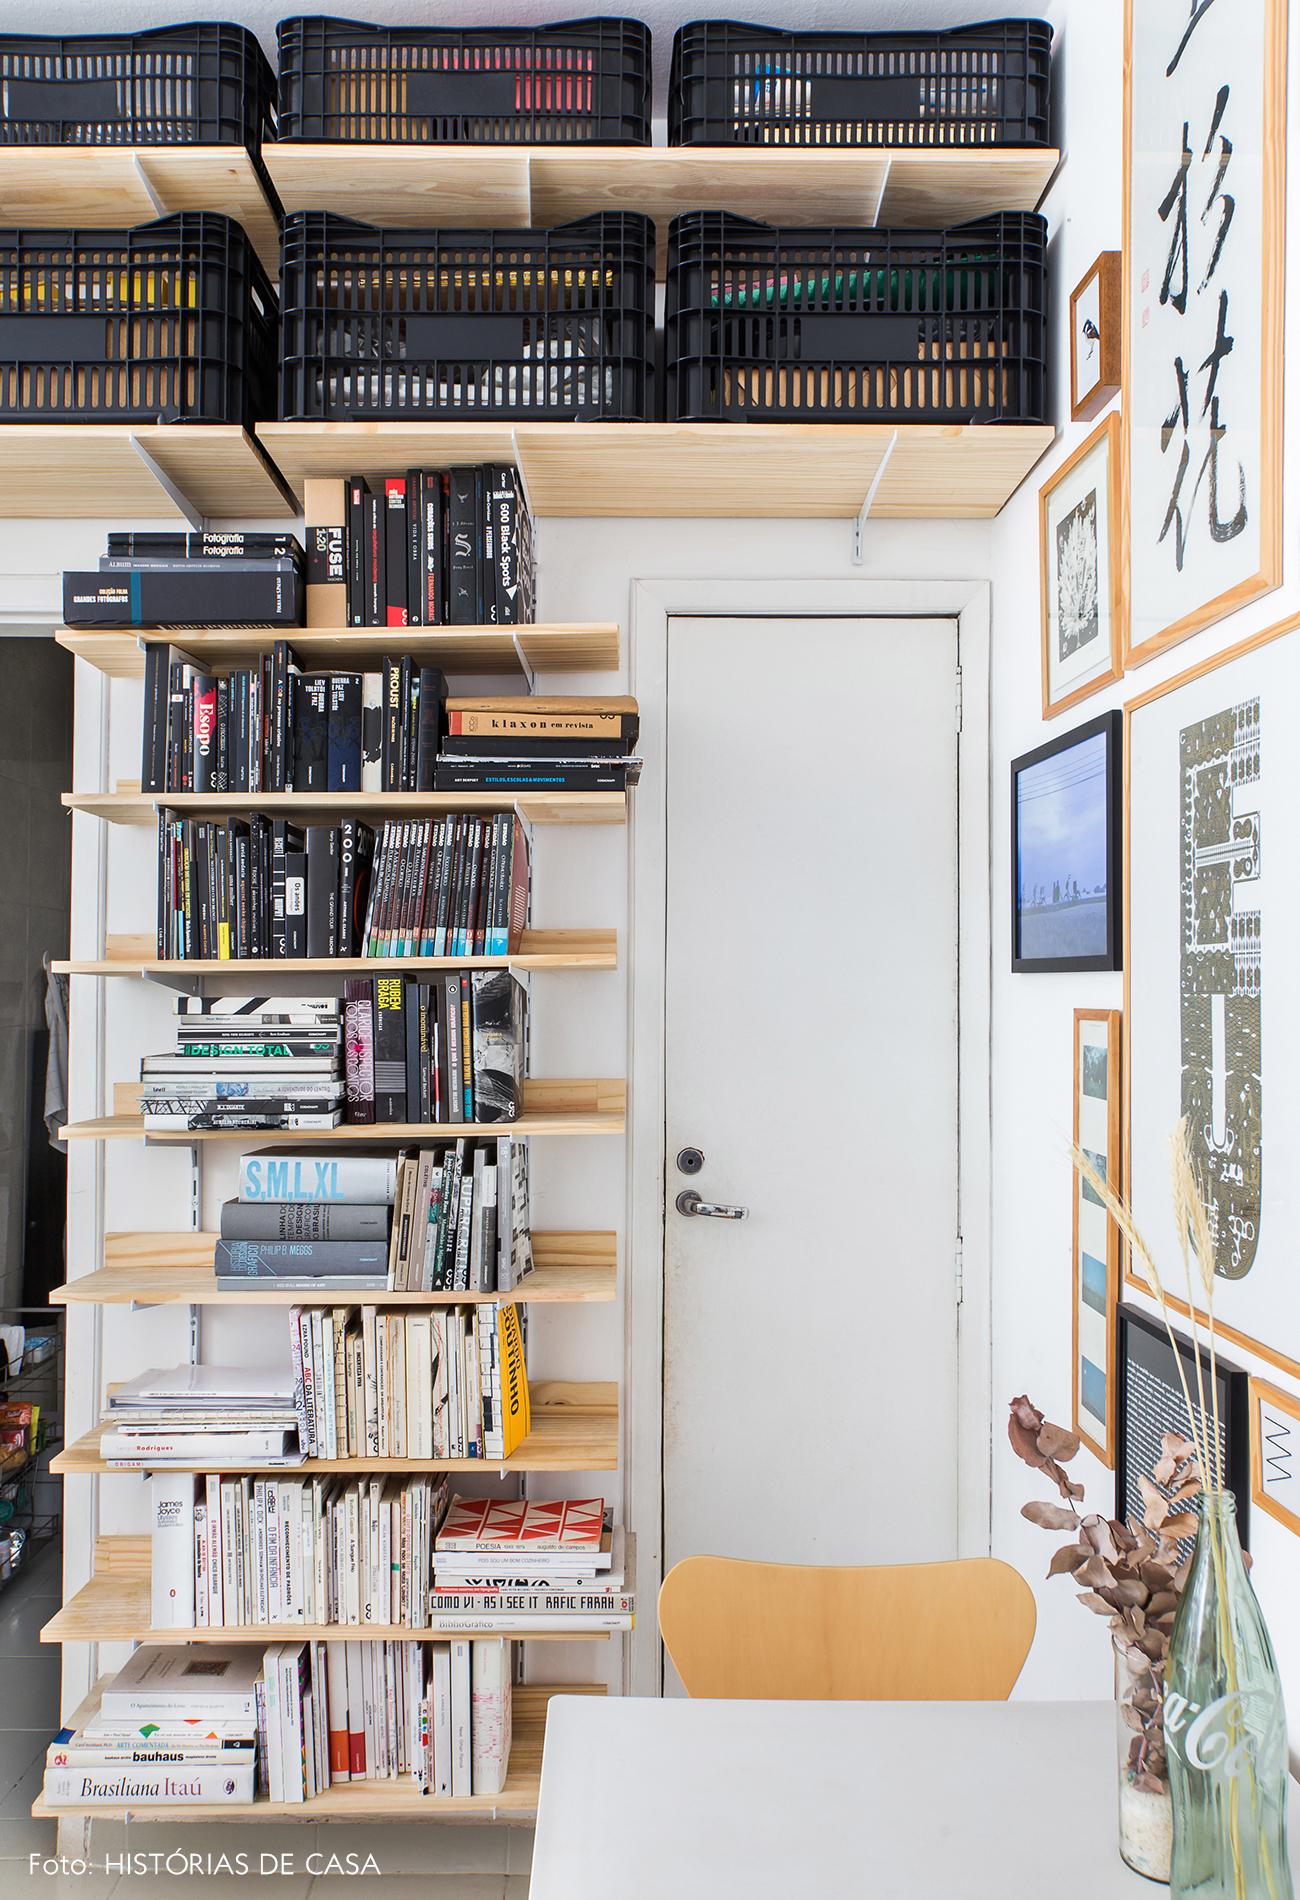 Apartamento pequeno com estante ao redor da porta e caixotes